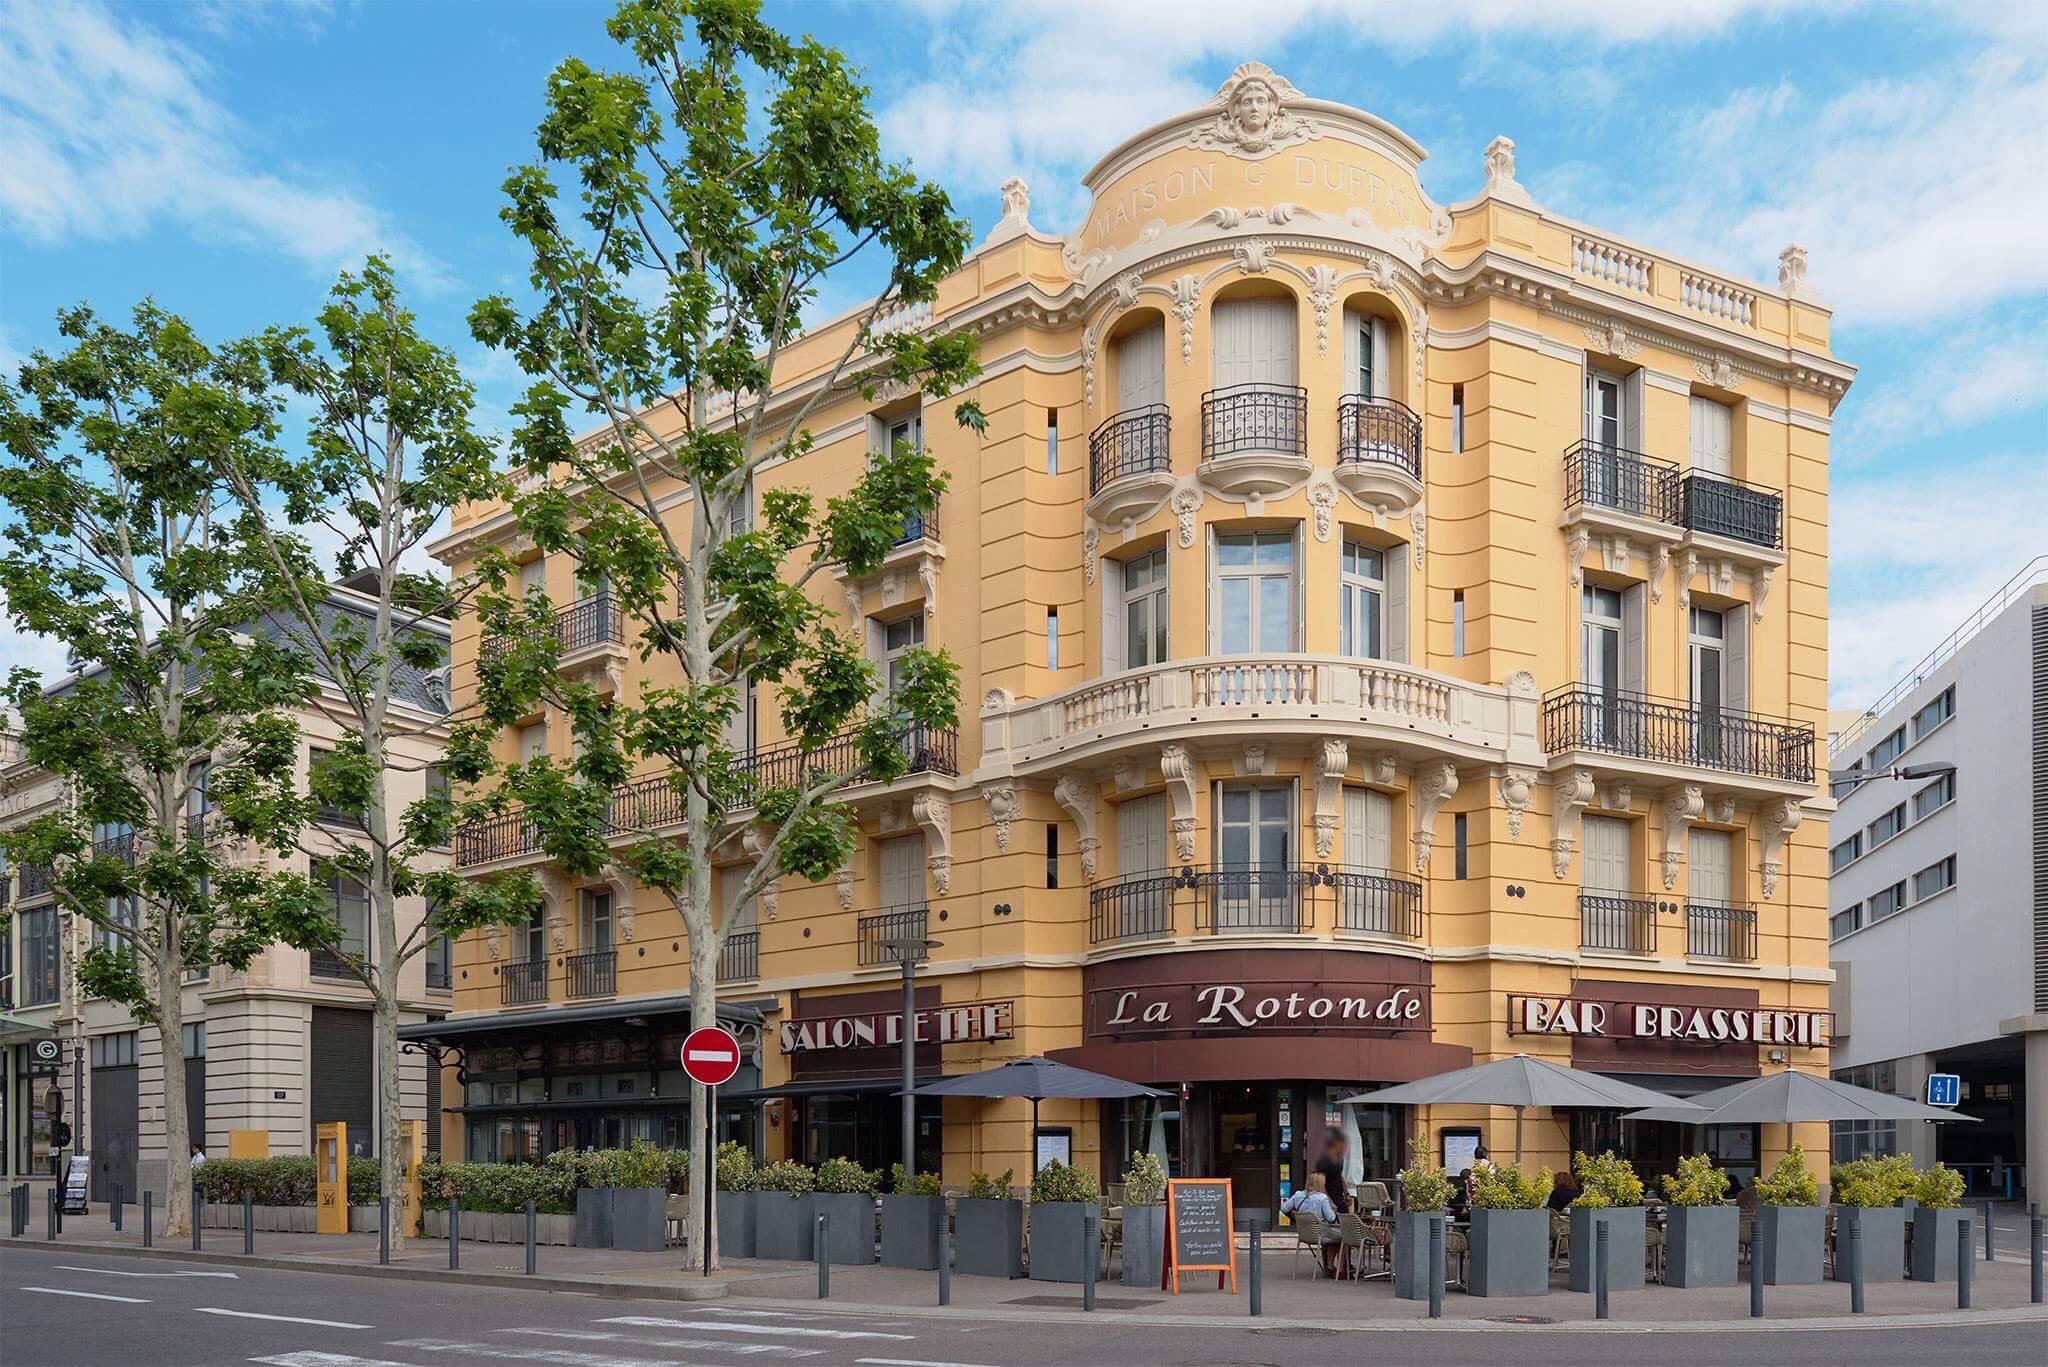 Restaurant La Rotonde, Perpignan